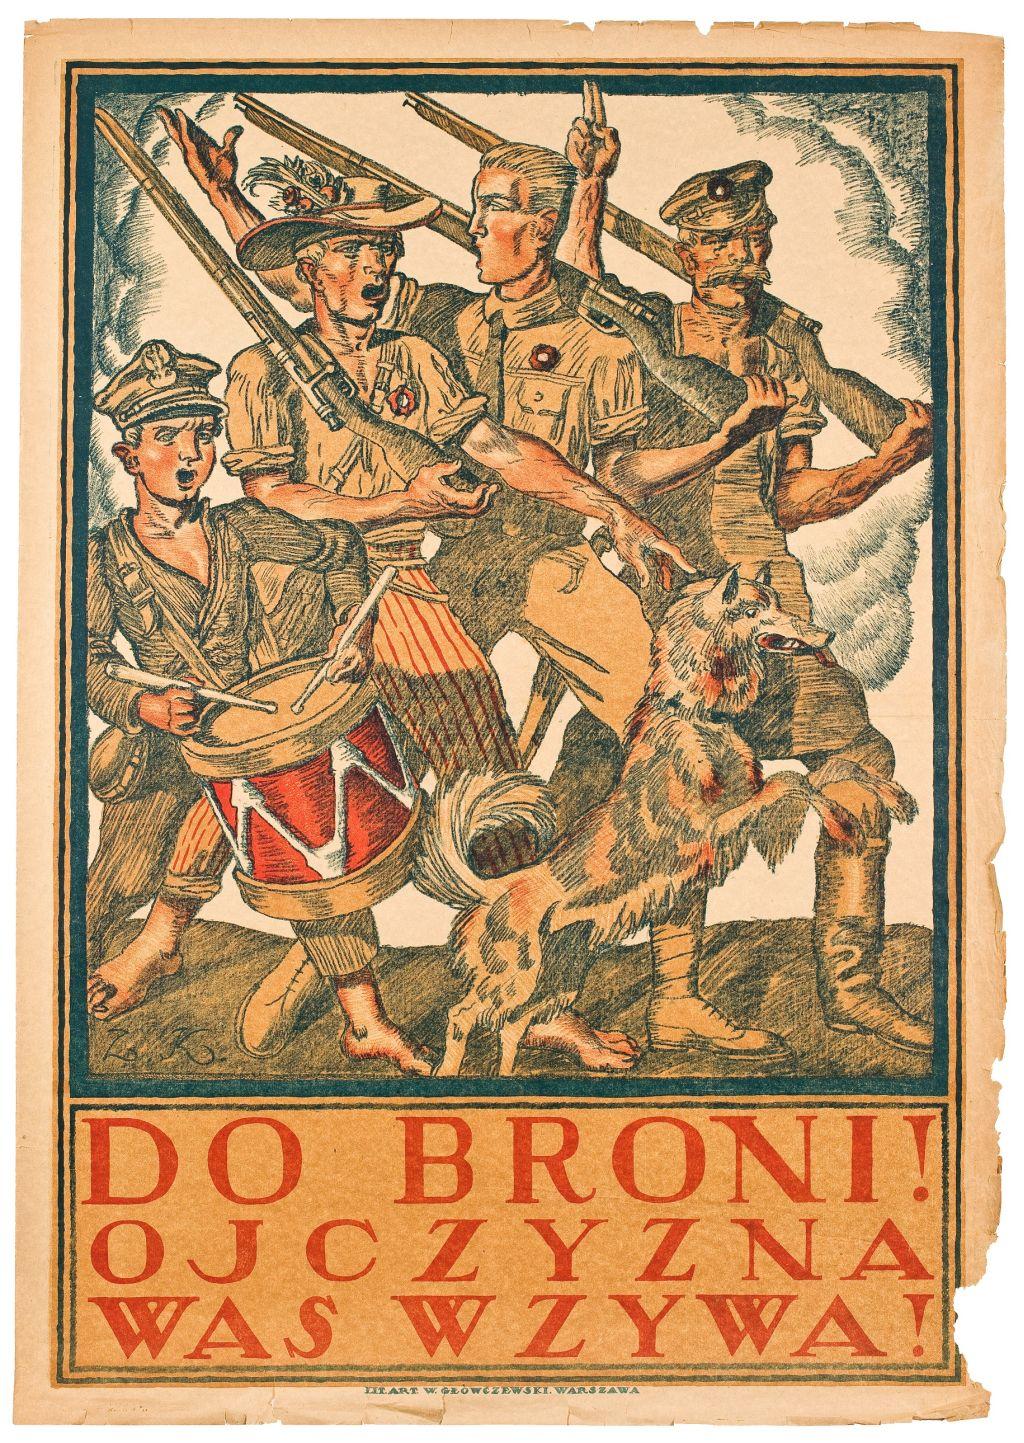 Plakat werbunkowy autorstwa Zygmunta Kamińskiego, 1920 (źródło: materiały prasowe organizatora)